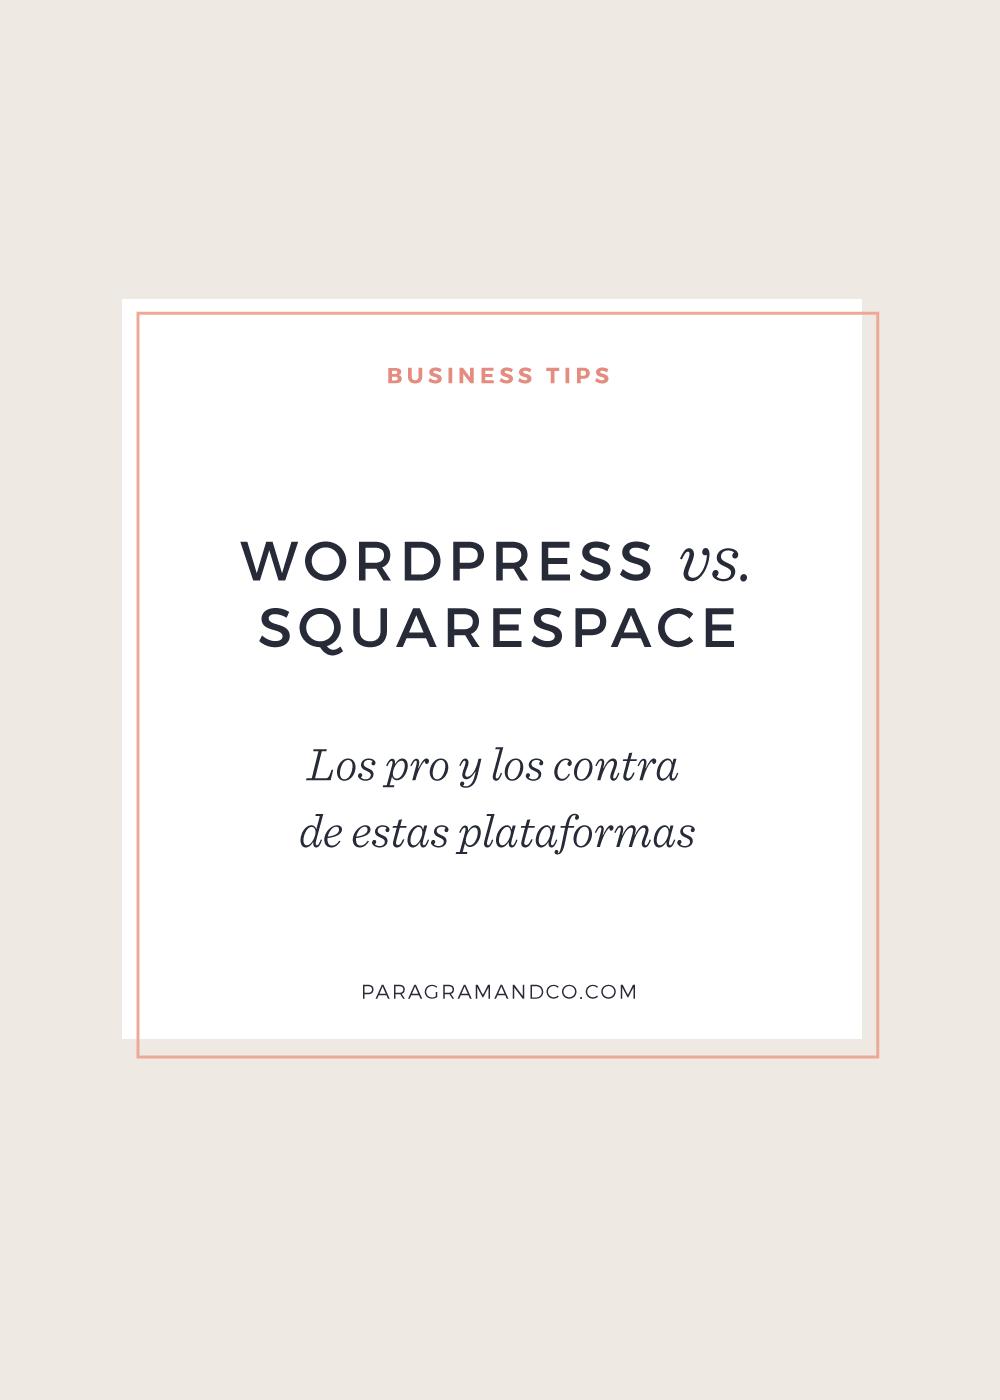 Wordpress vs. Squarespace - Cual te conviene mas para tu negocio o proyecto